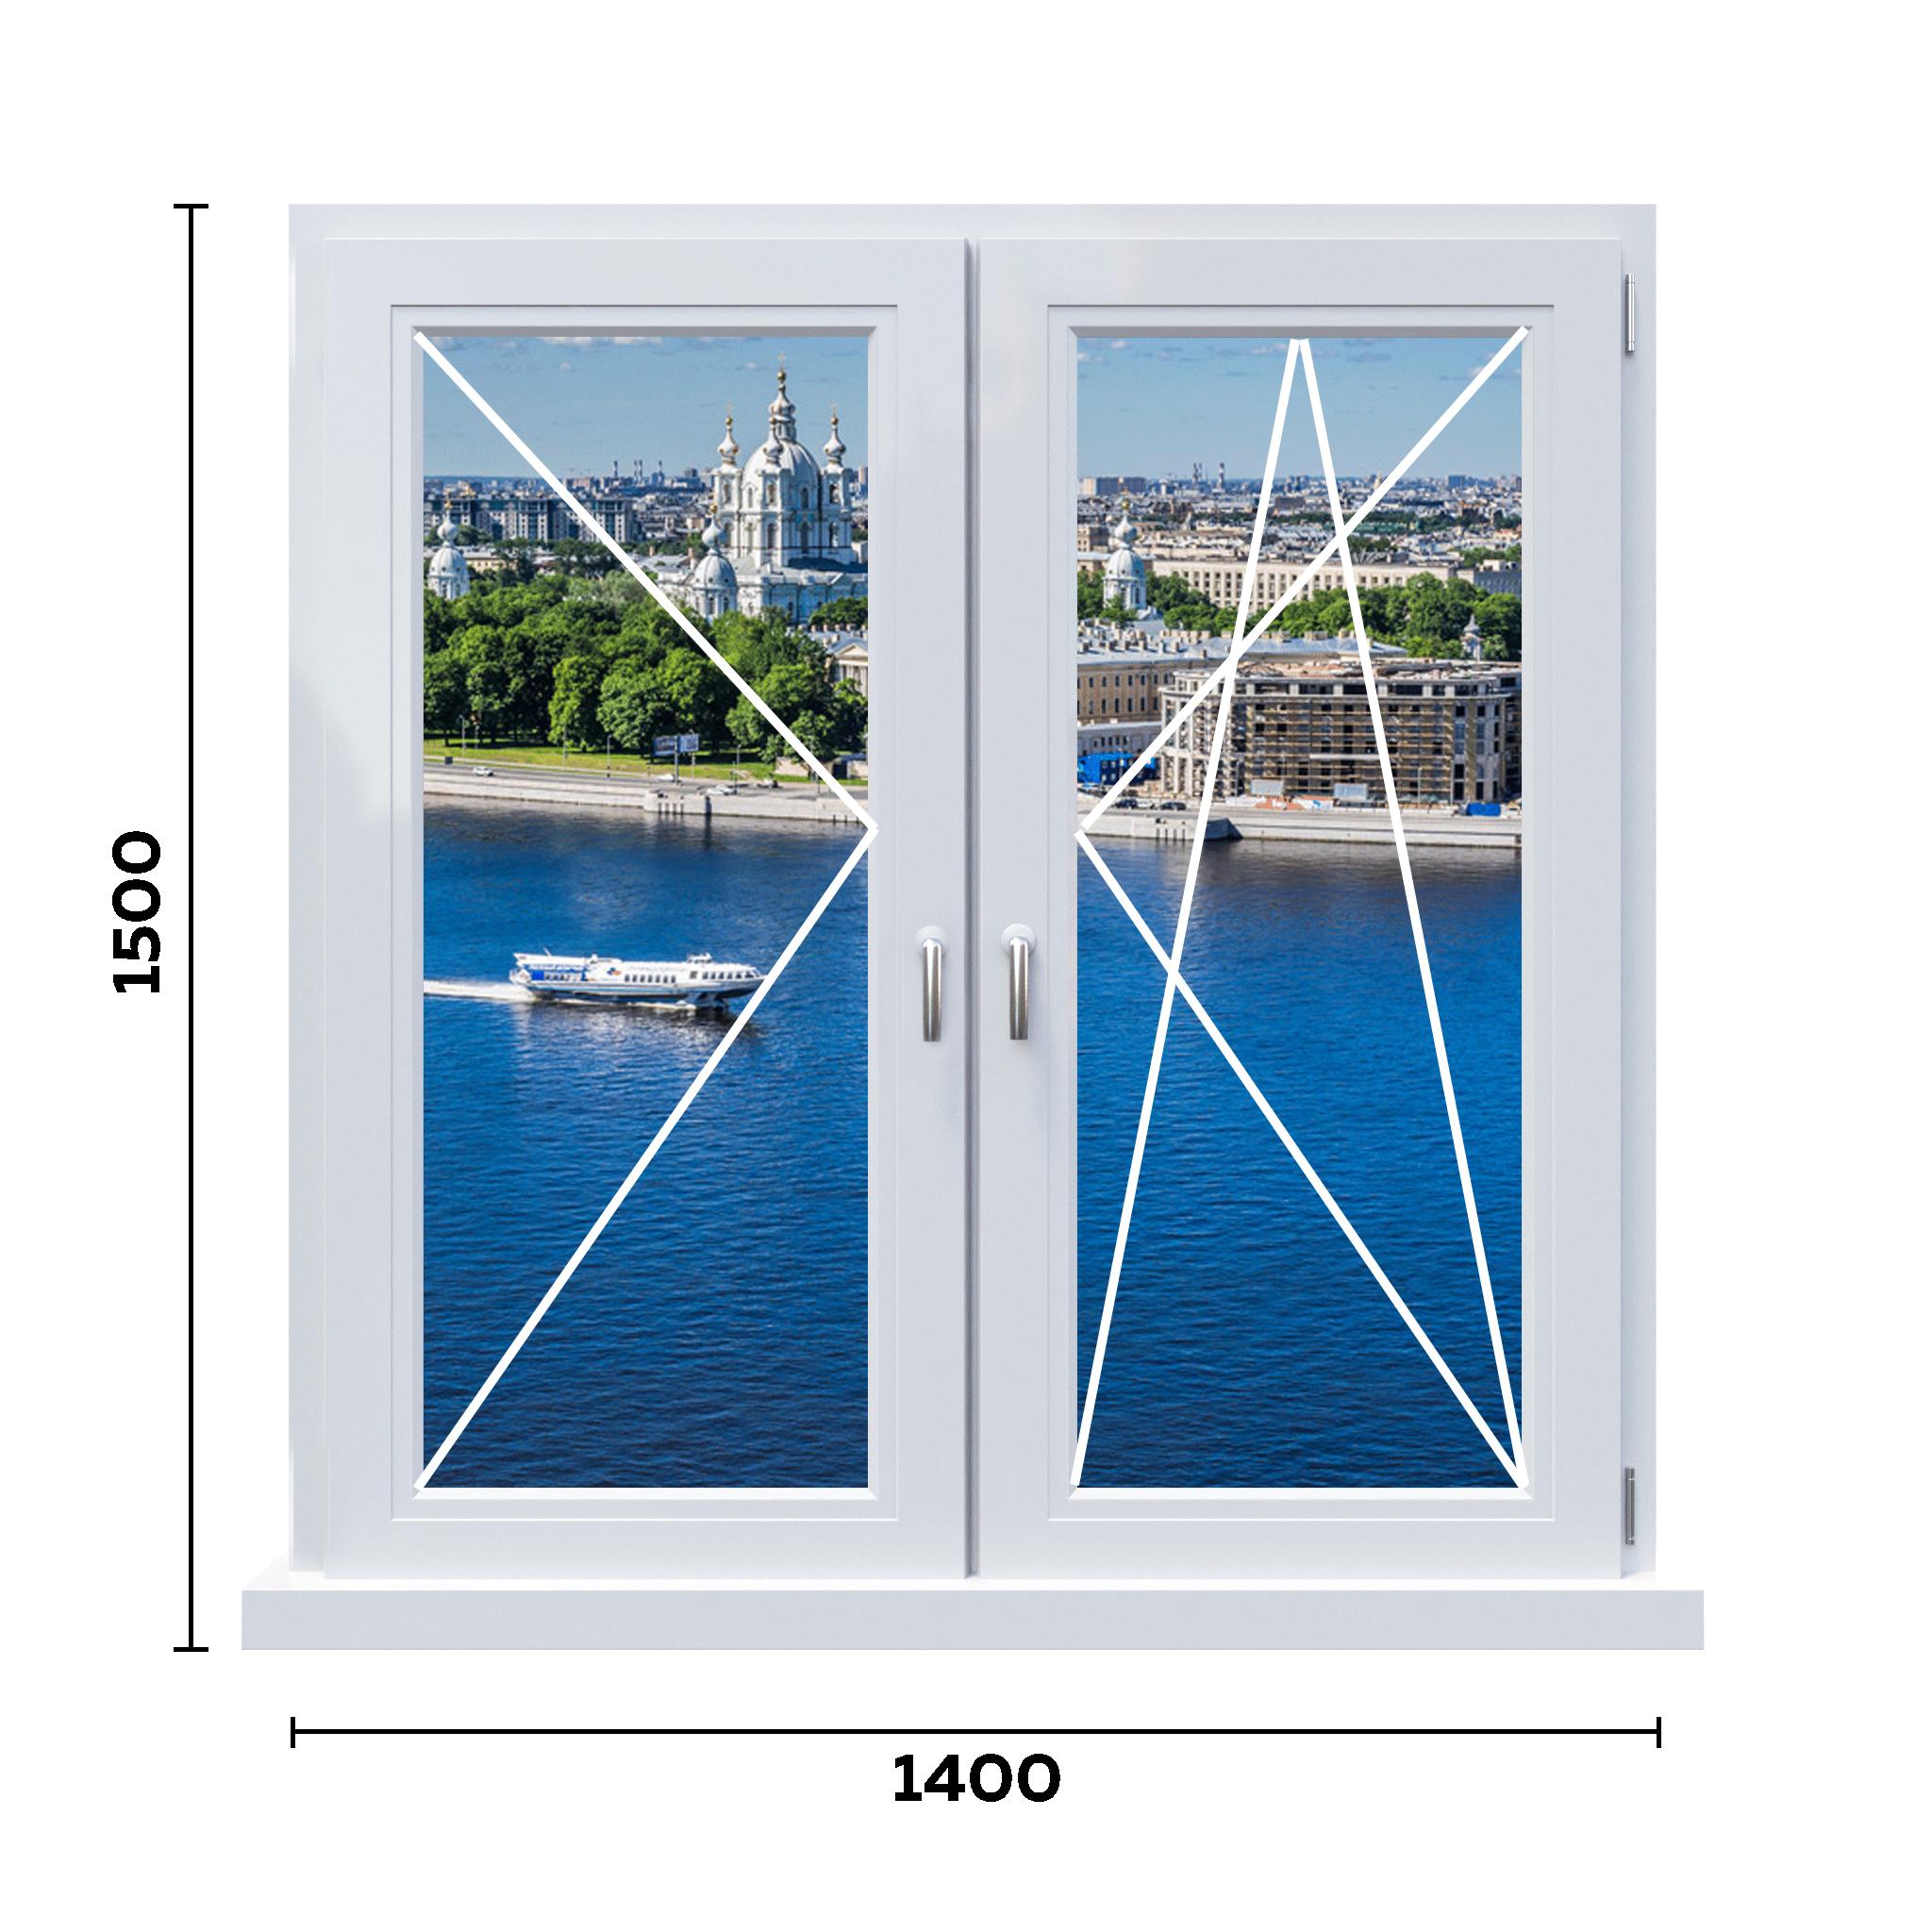 схема двухстворчатого окна 650 мм